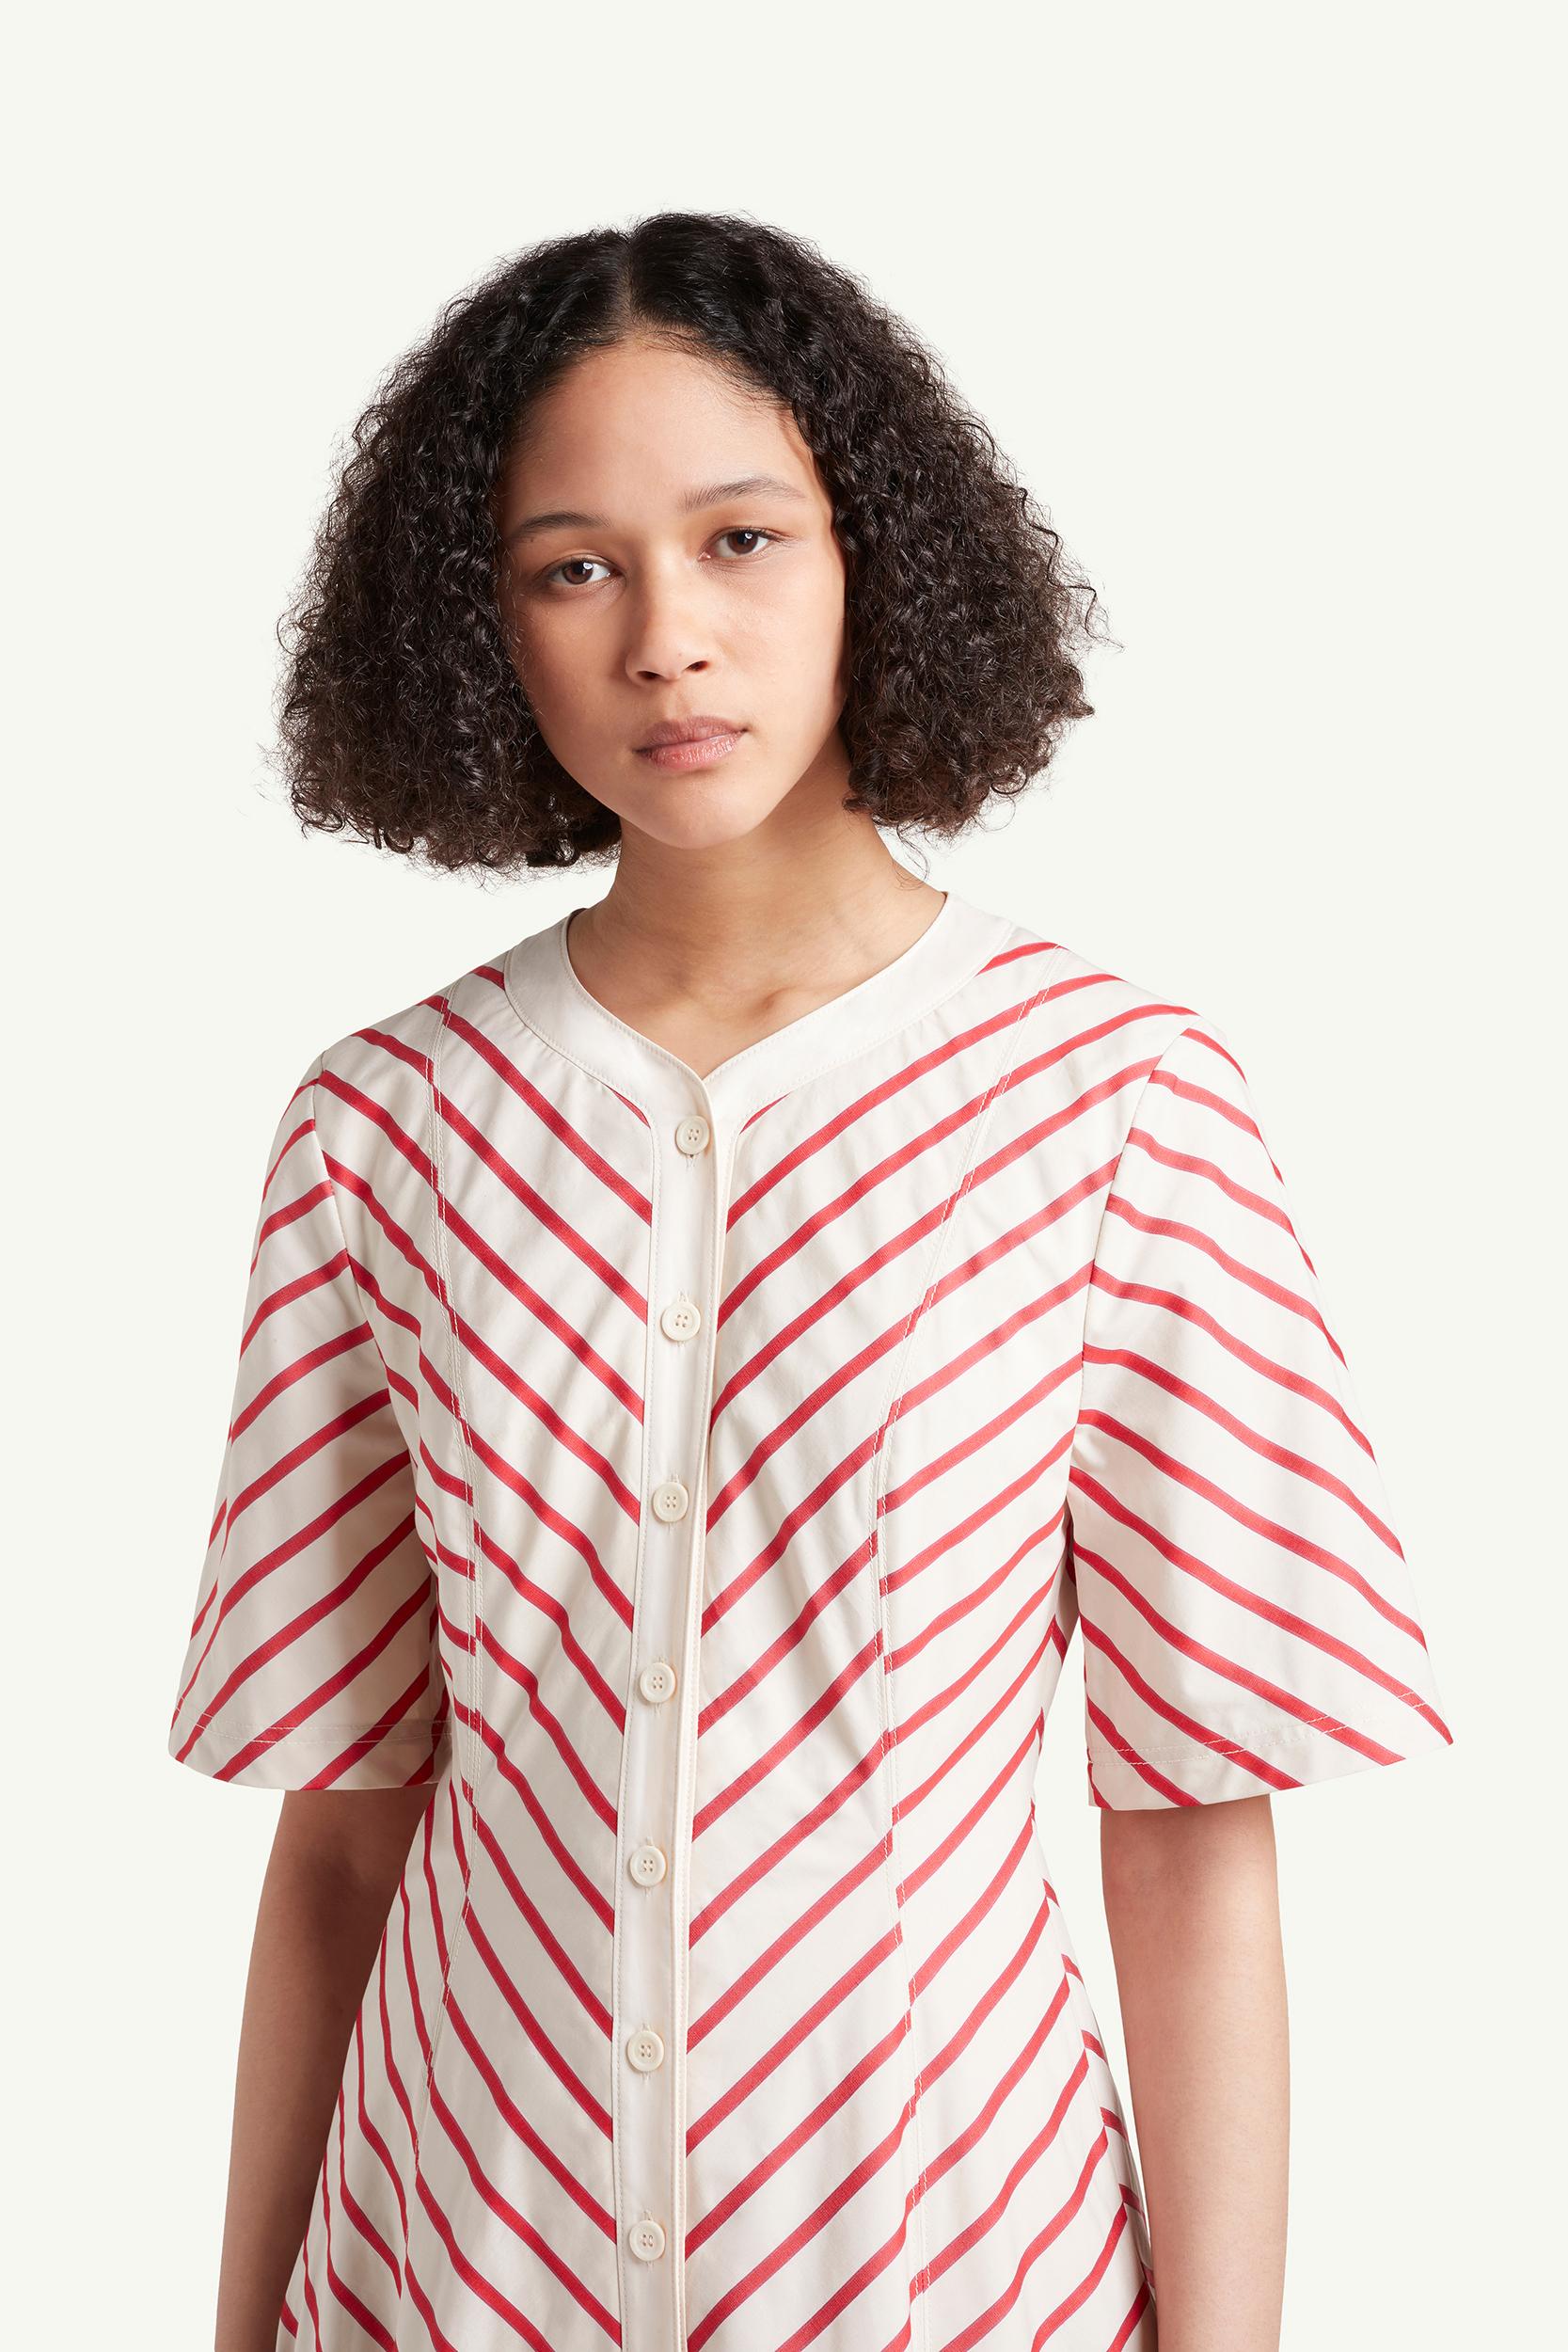 Wales Bonner Womenswear Model wearing a red striped dress | LRP